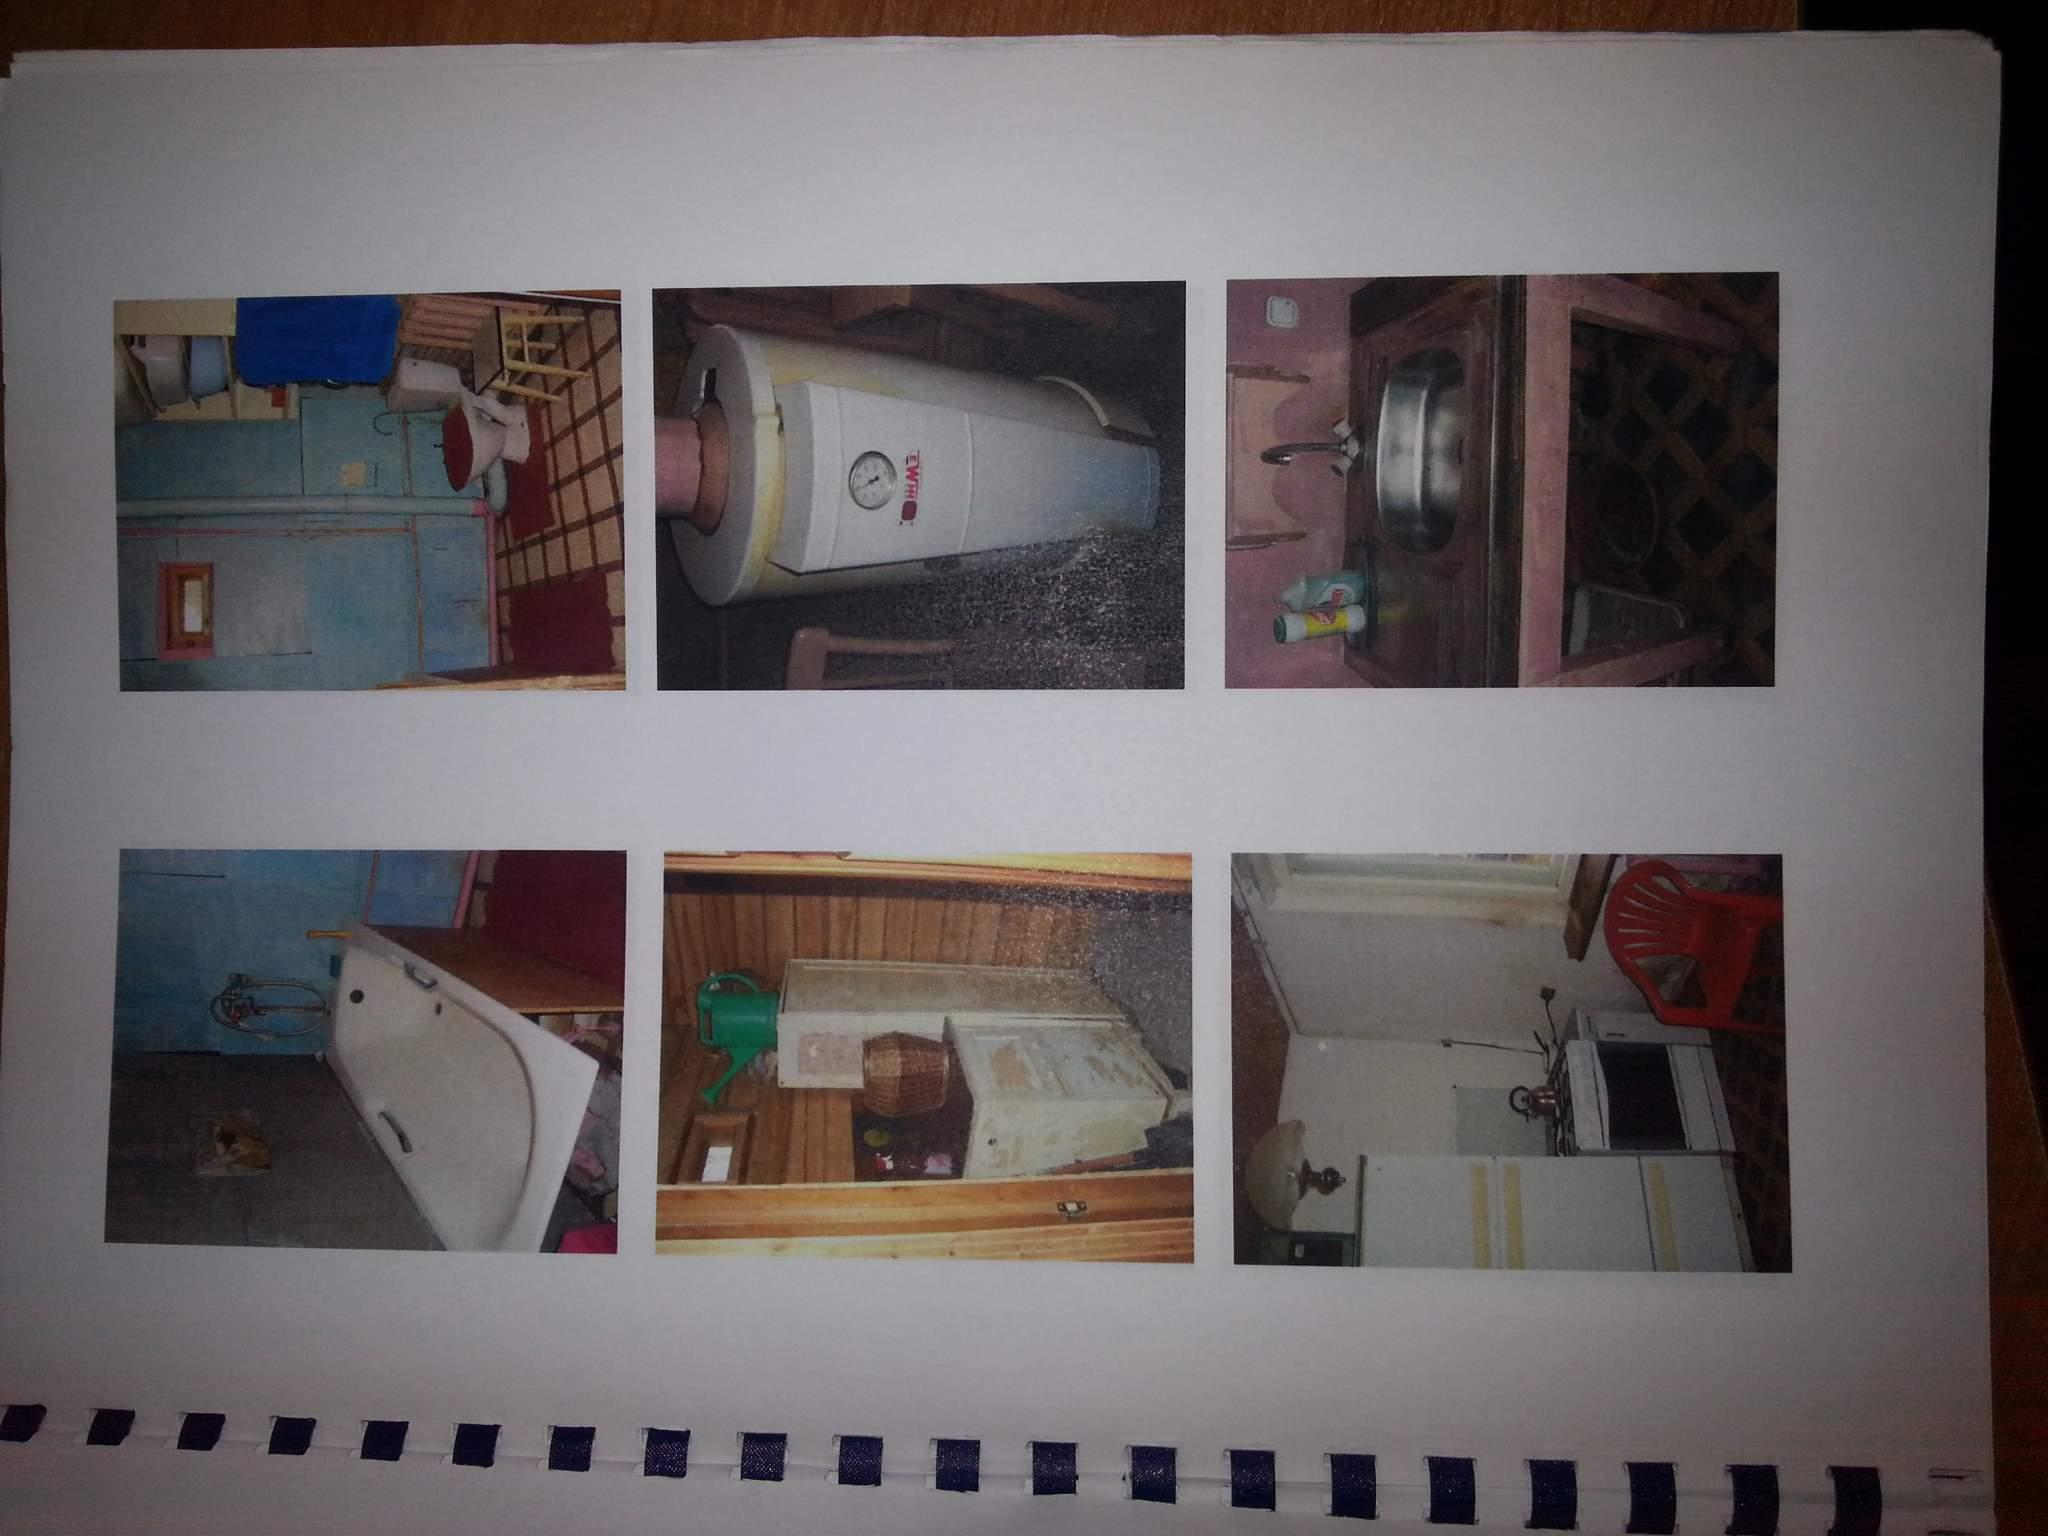 Полный ремонт стиральных машин Снежная улица (деревня Пахорка) гарантийный ремонт стиральных машин Железнодорожная улица (район Внуково)